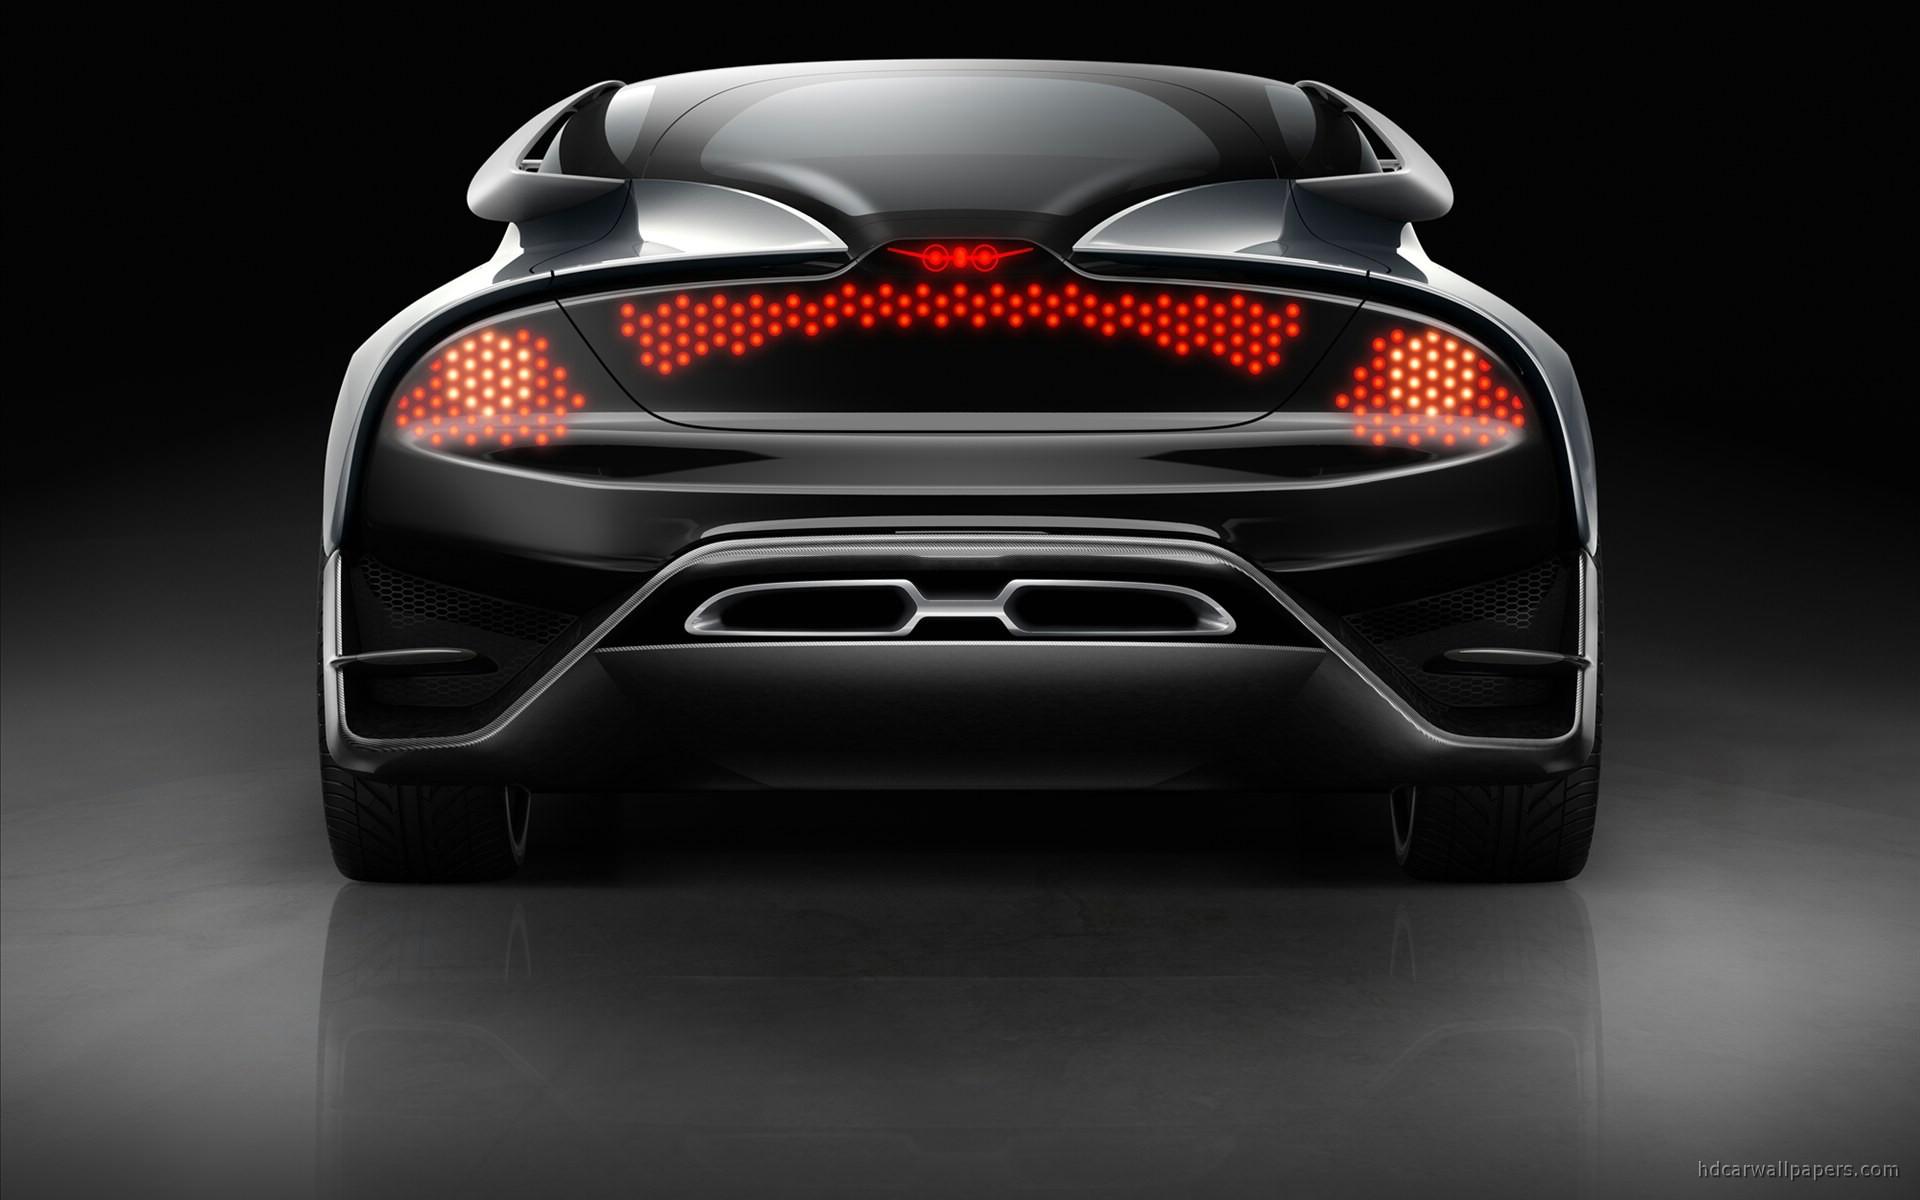 American Muscle Car Desktop Wallpapers 2011 Saab Phoenix Concept Car 3 Wallpaper Hd Car